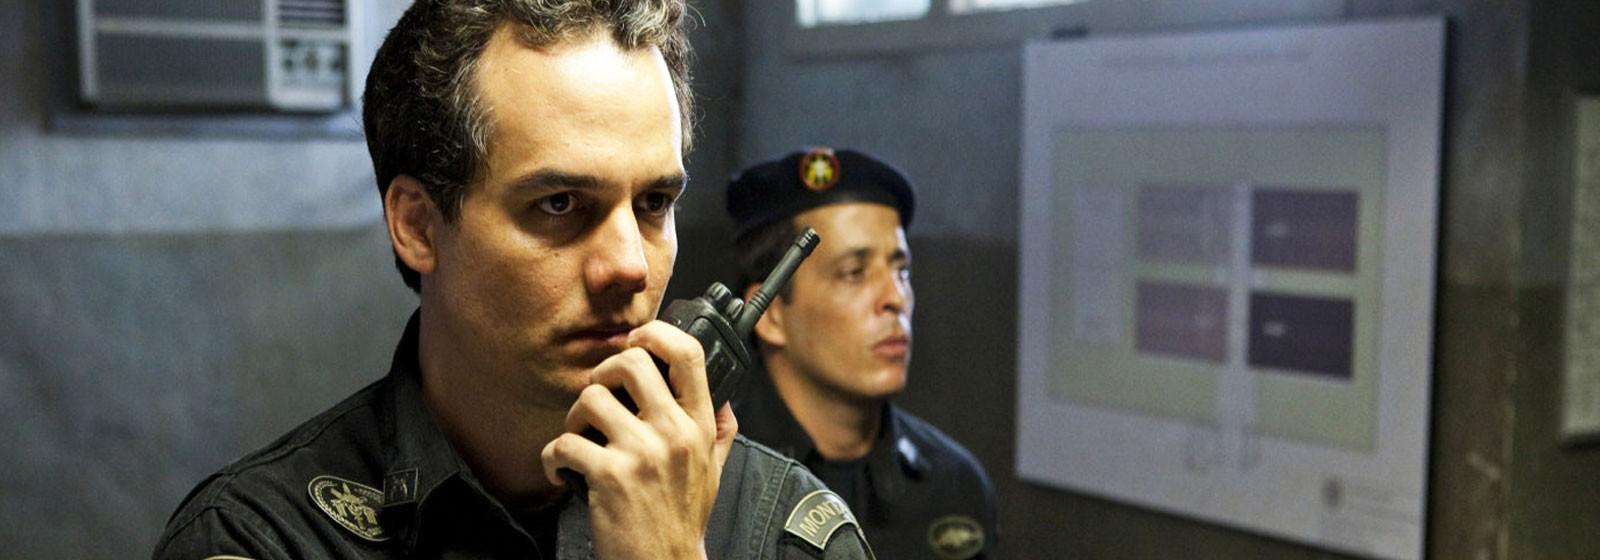 Filmes Policiais Brasileiros